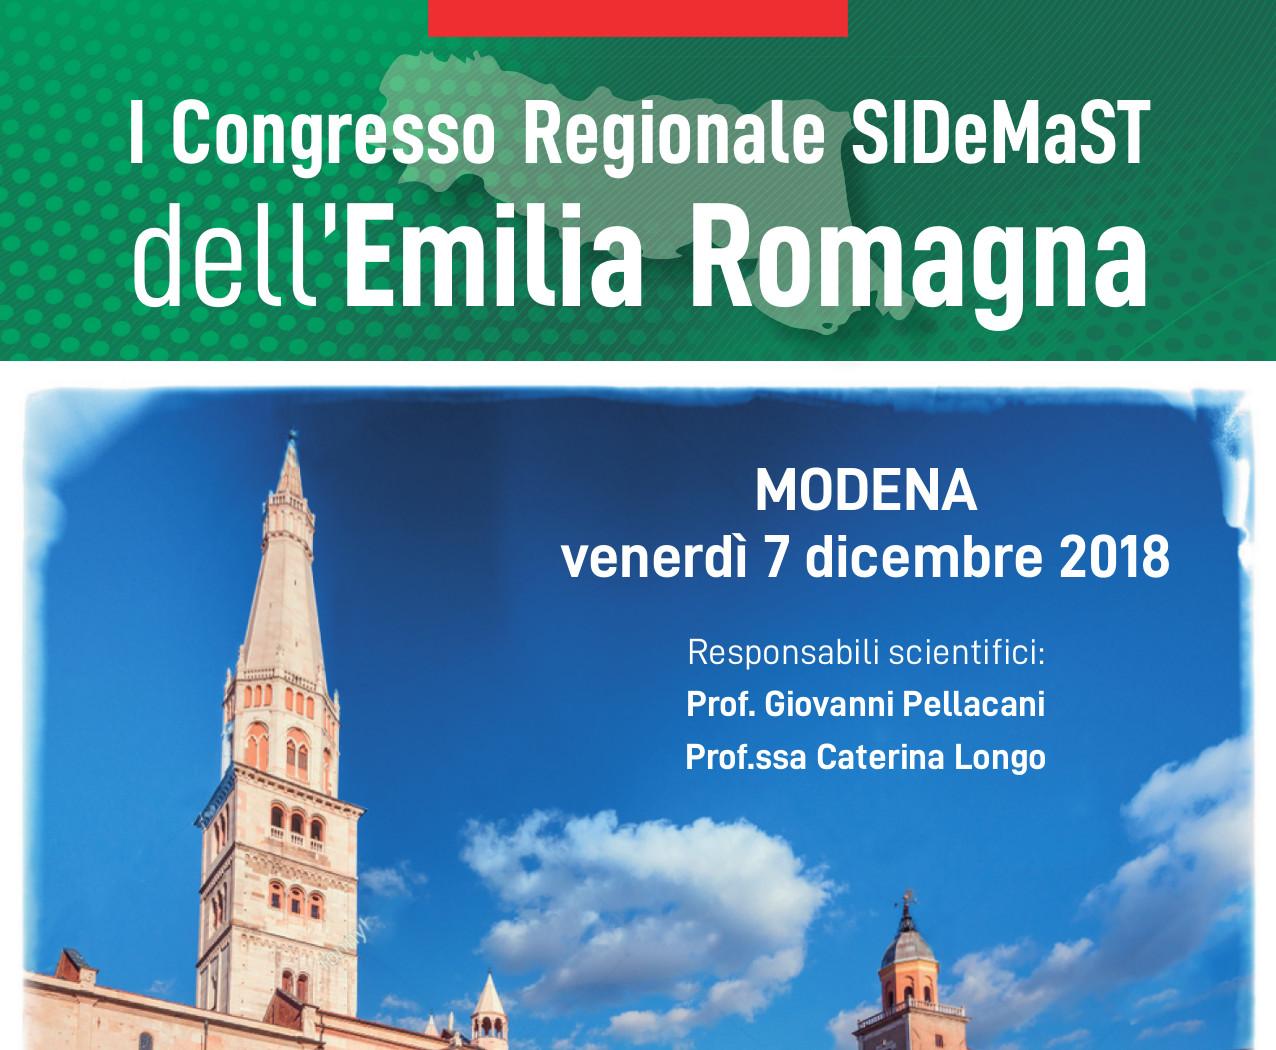 I Congresso Regionale SIDeMaST dell'Emilia Romagna